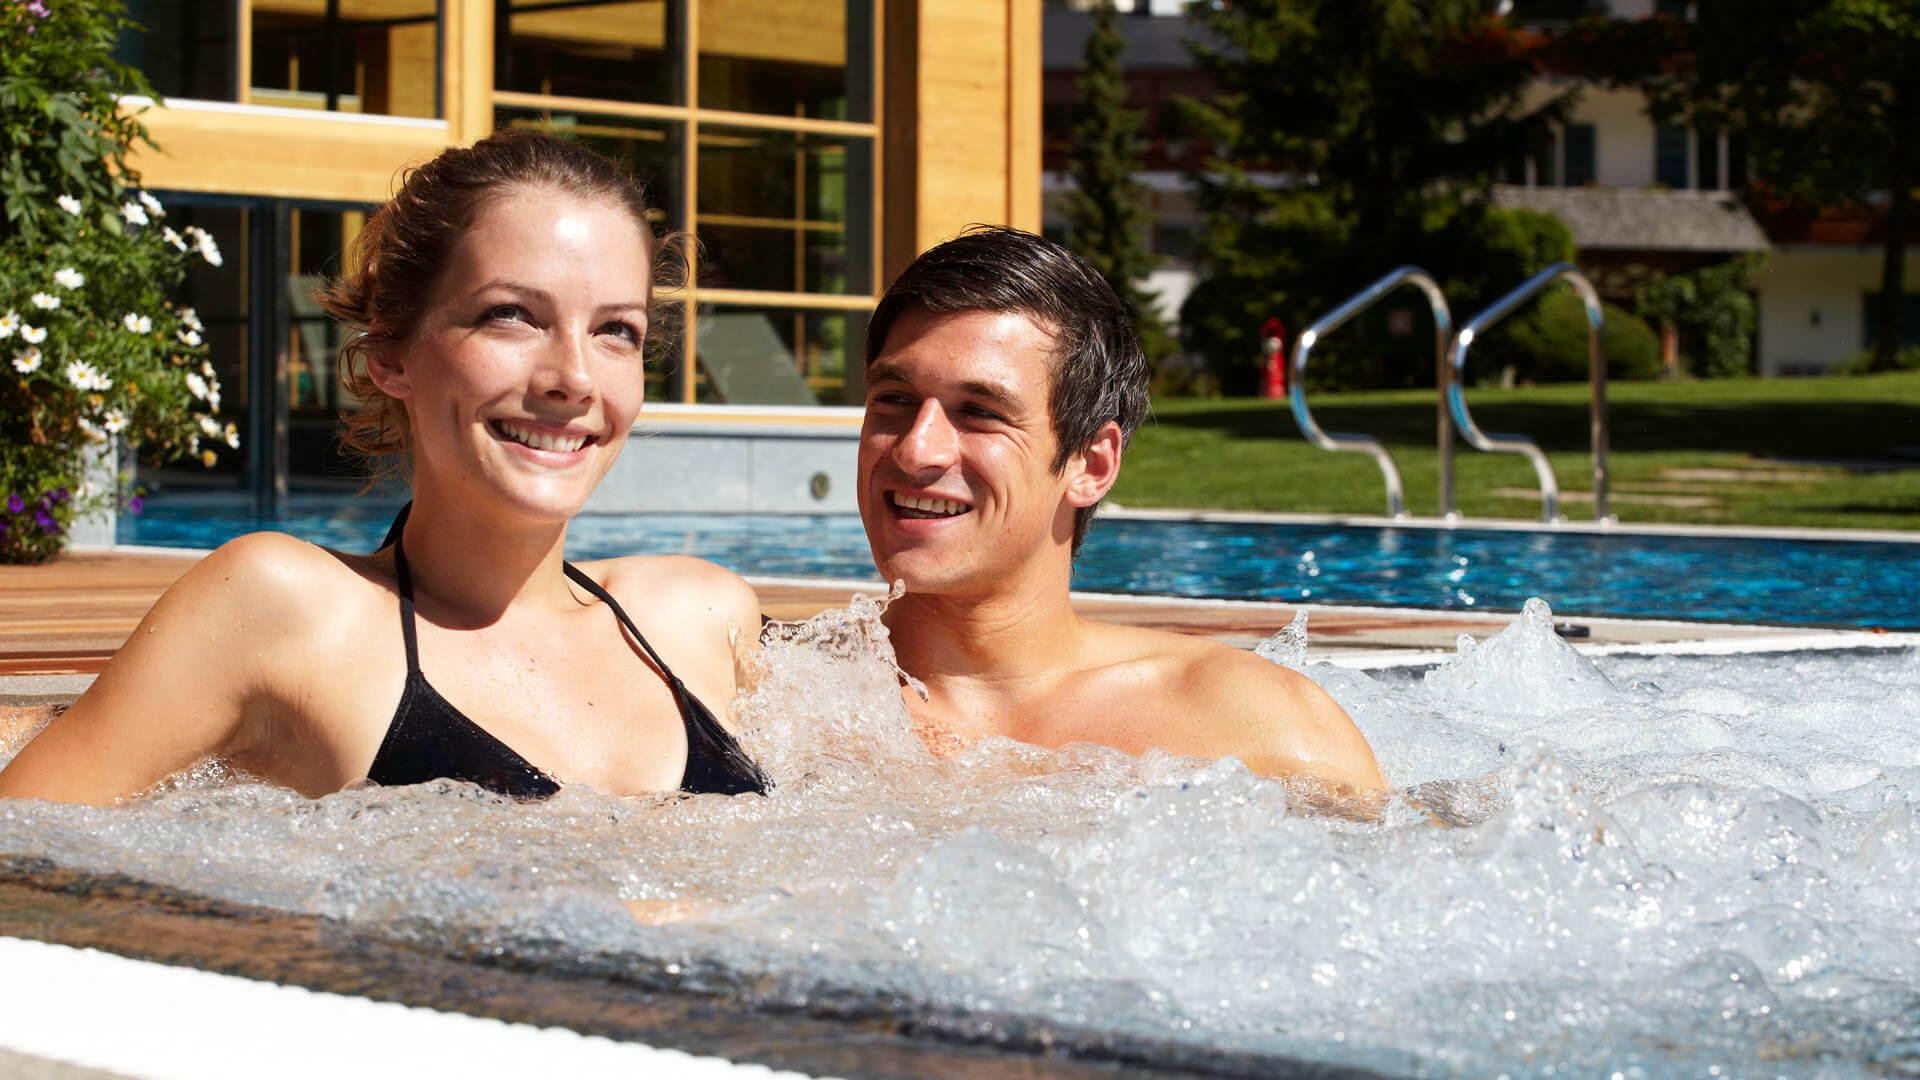 48212ed83515 ... hotel con piscina per bambini, non c'è niente di meglio che  abbandonarsi alla comodità avvolgente dei lettini con vista panoramica.